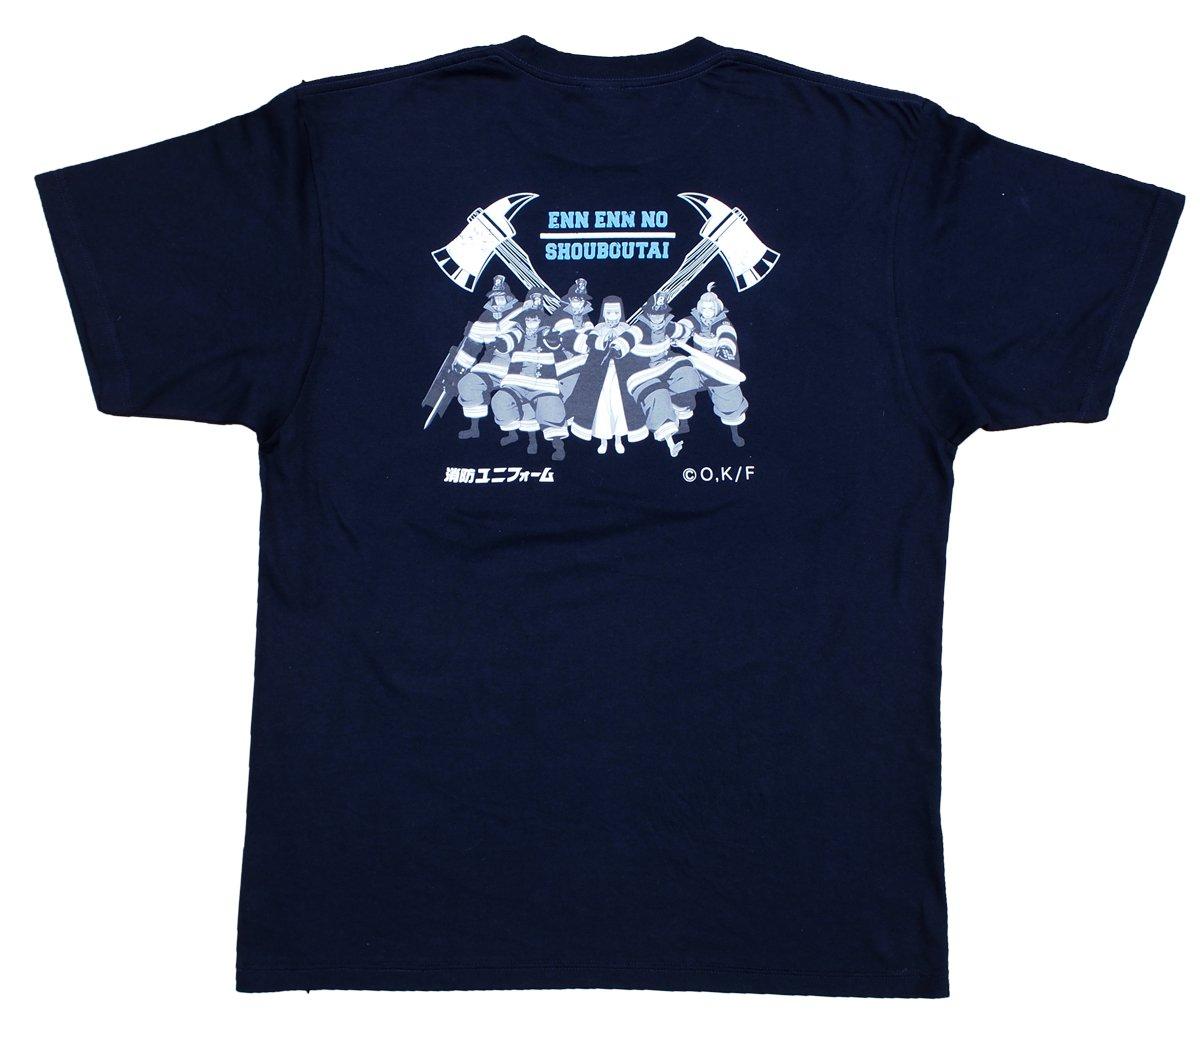 紺Tシャツ後